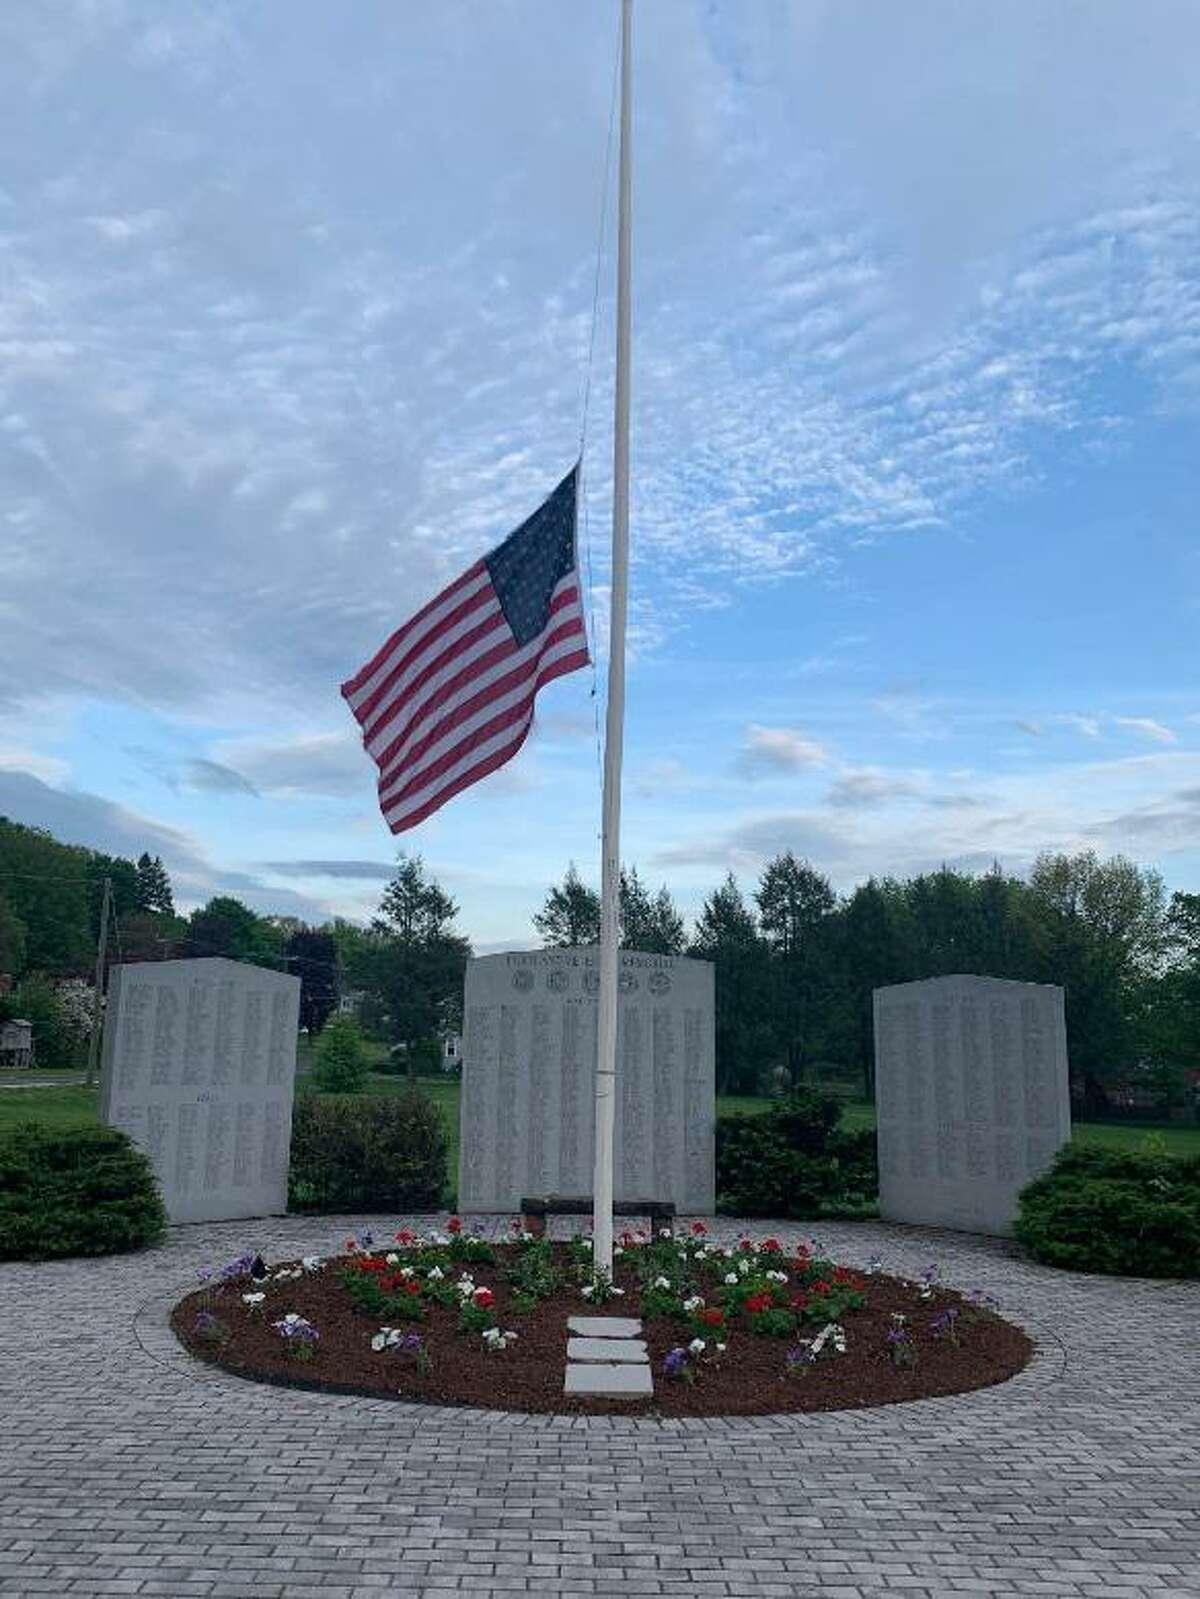 Portland veterans memorial